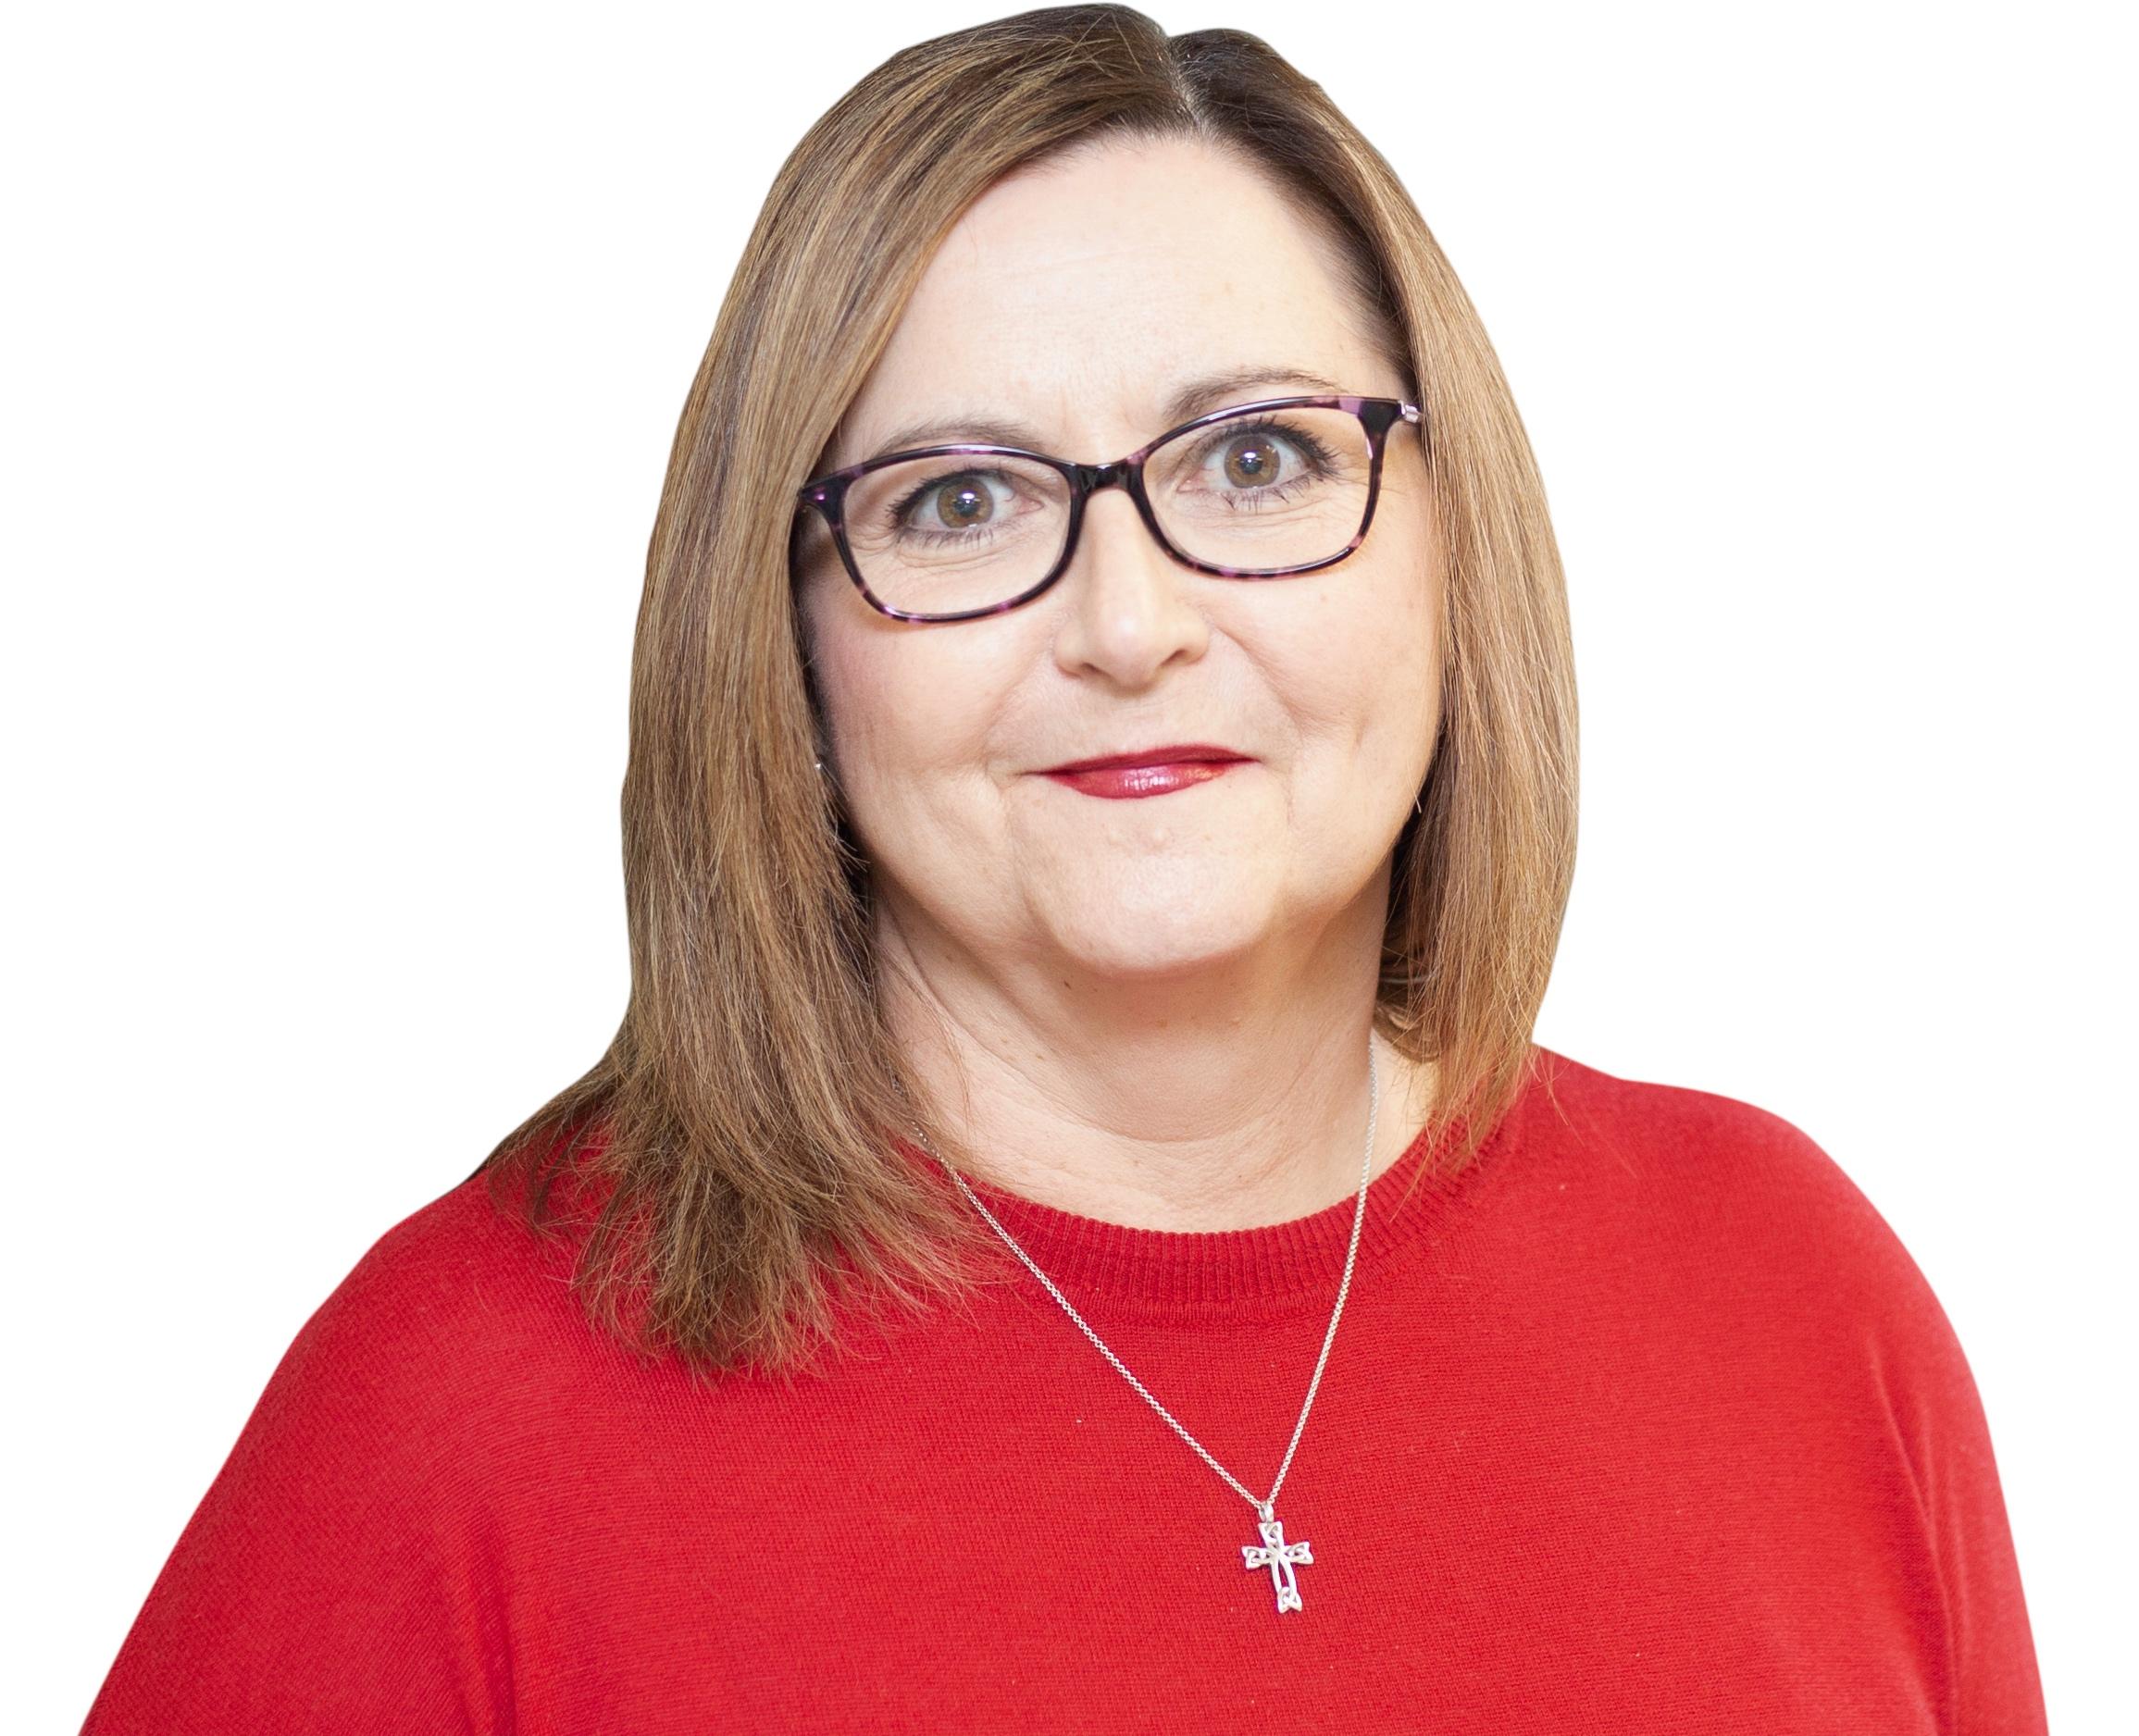 Catherine Wilson   Directrice régionale pour l'Est du Canada   Je supervise les opérations des cliniques DC à Ayr, Kitchener, Mississauga et Sarnia, en plus des projets de « Independent Medical Staffing (IMS) » en Ontario. Je travaille pour DC depuis maintenant 10 ans et j'ai plus de 20 ans d'expérience en gestion et en direction au sein d'une variété d'industries. Au cours de ma carrière, on m'a chargé d'établir et de gérer des opérations exceptionnelles et de diriger des équipes dans le but d'offrir des services de qualité supérieure tout en créant un atmosphère de travail agréable. Mon but est de m'assurer que les clients de DC reçoivent un service exceptionnel dans toutes les cliniques DC, ainsi qu'à l'emplacement IMS. J'aime passer du temps en famille, faire du yoga, voyager et j'aime aussi notre chien Beau, un petit bulldog américain.